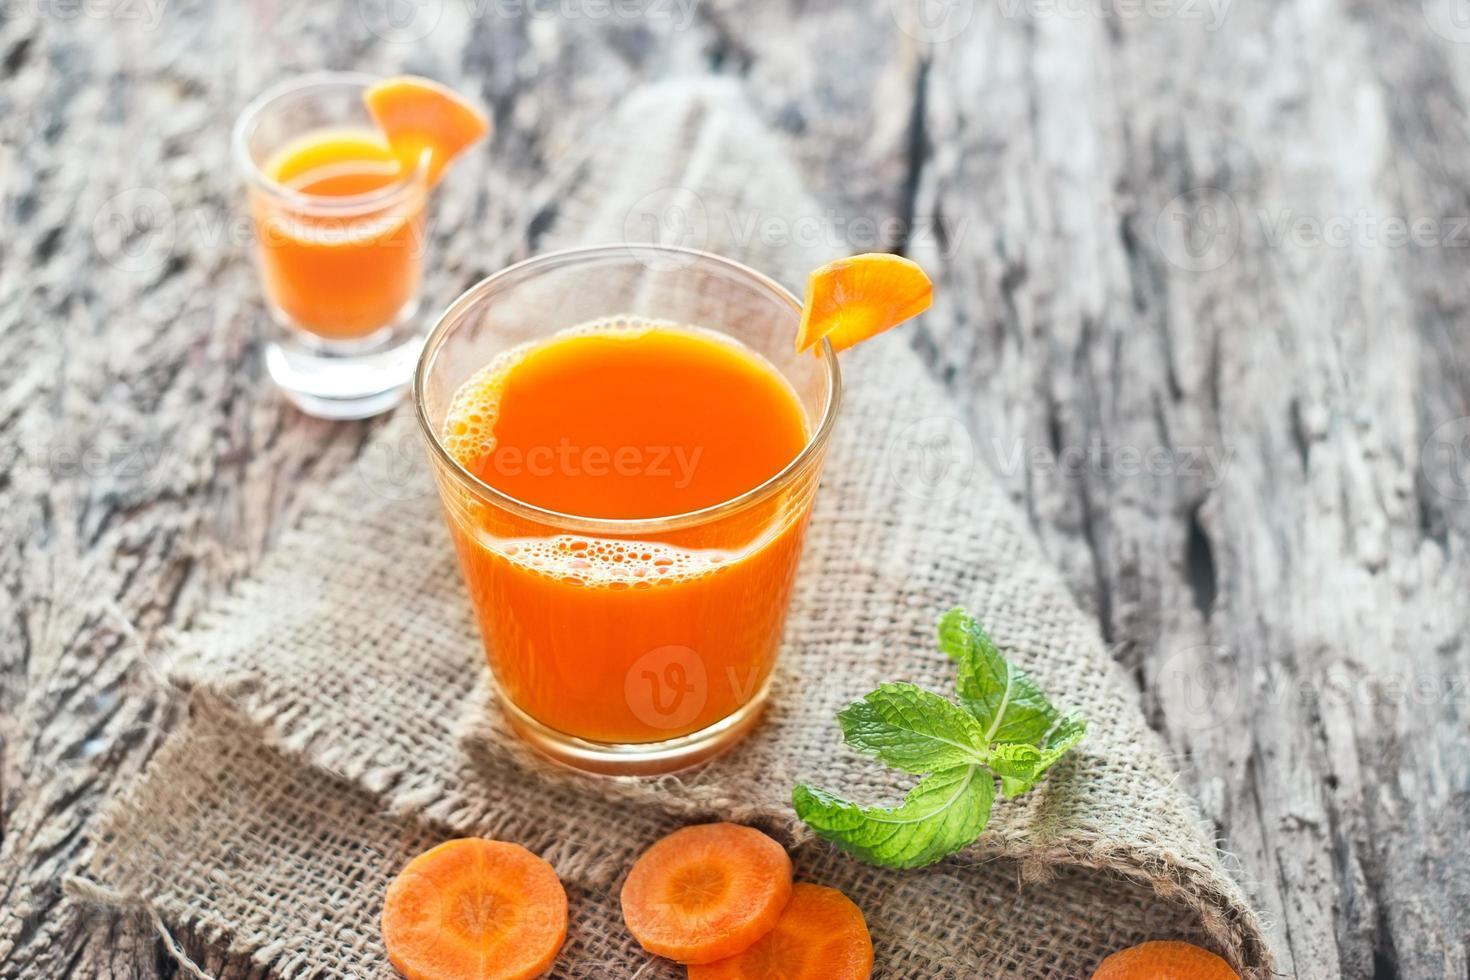 suco de cenoura fresca no saco e fundo de madeira foto